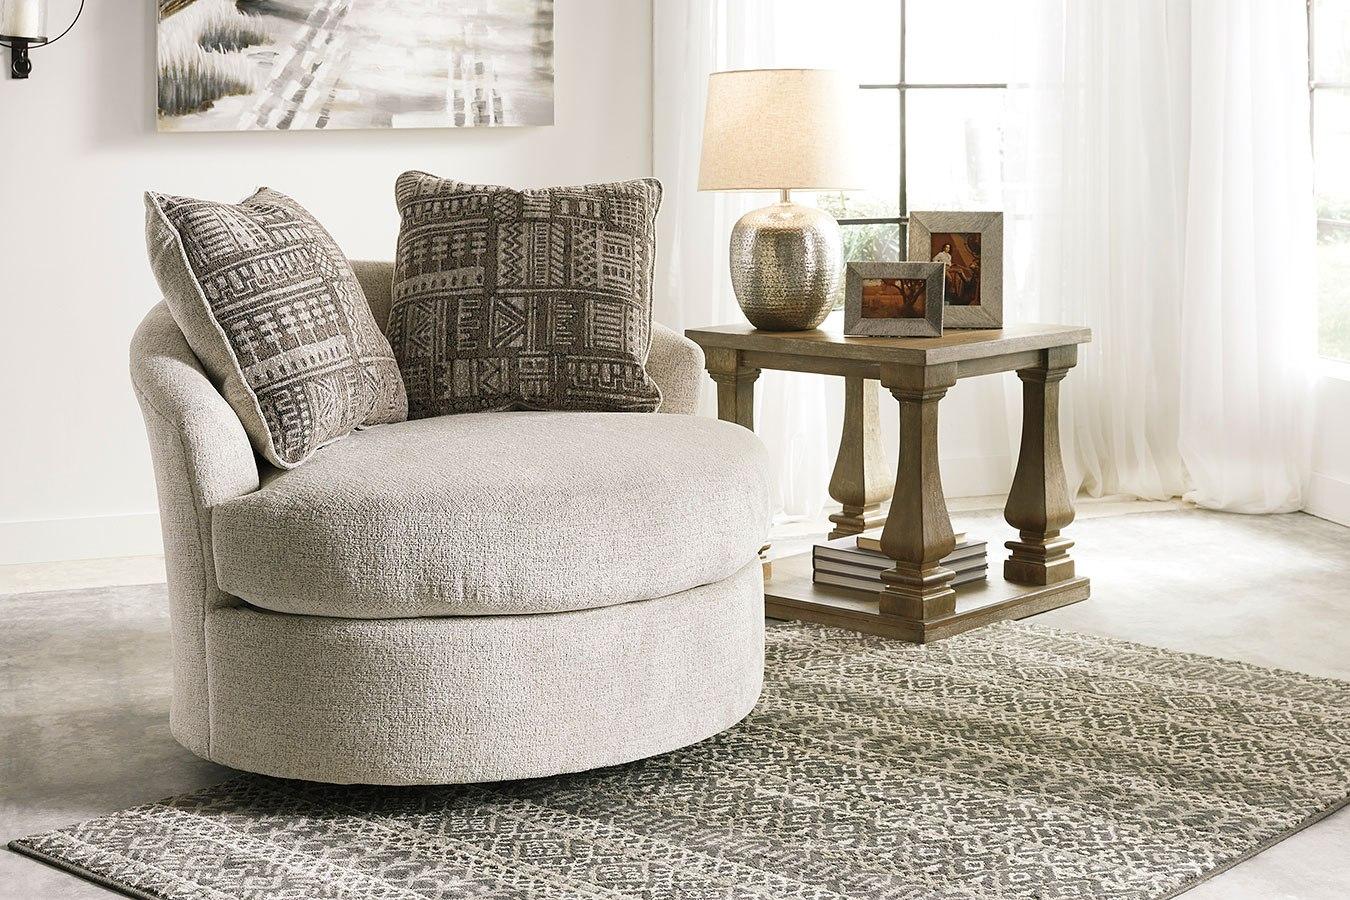 Soletren Stone Living Room Set Signature Design